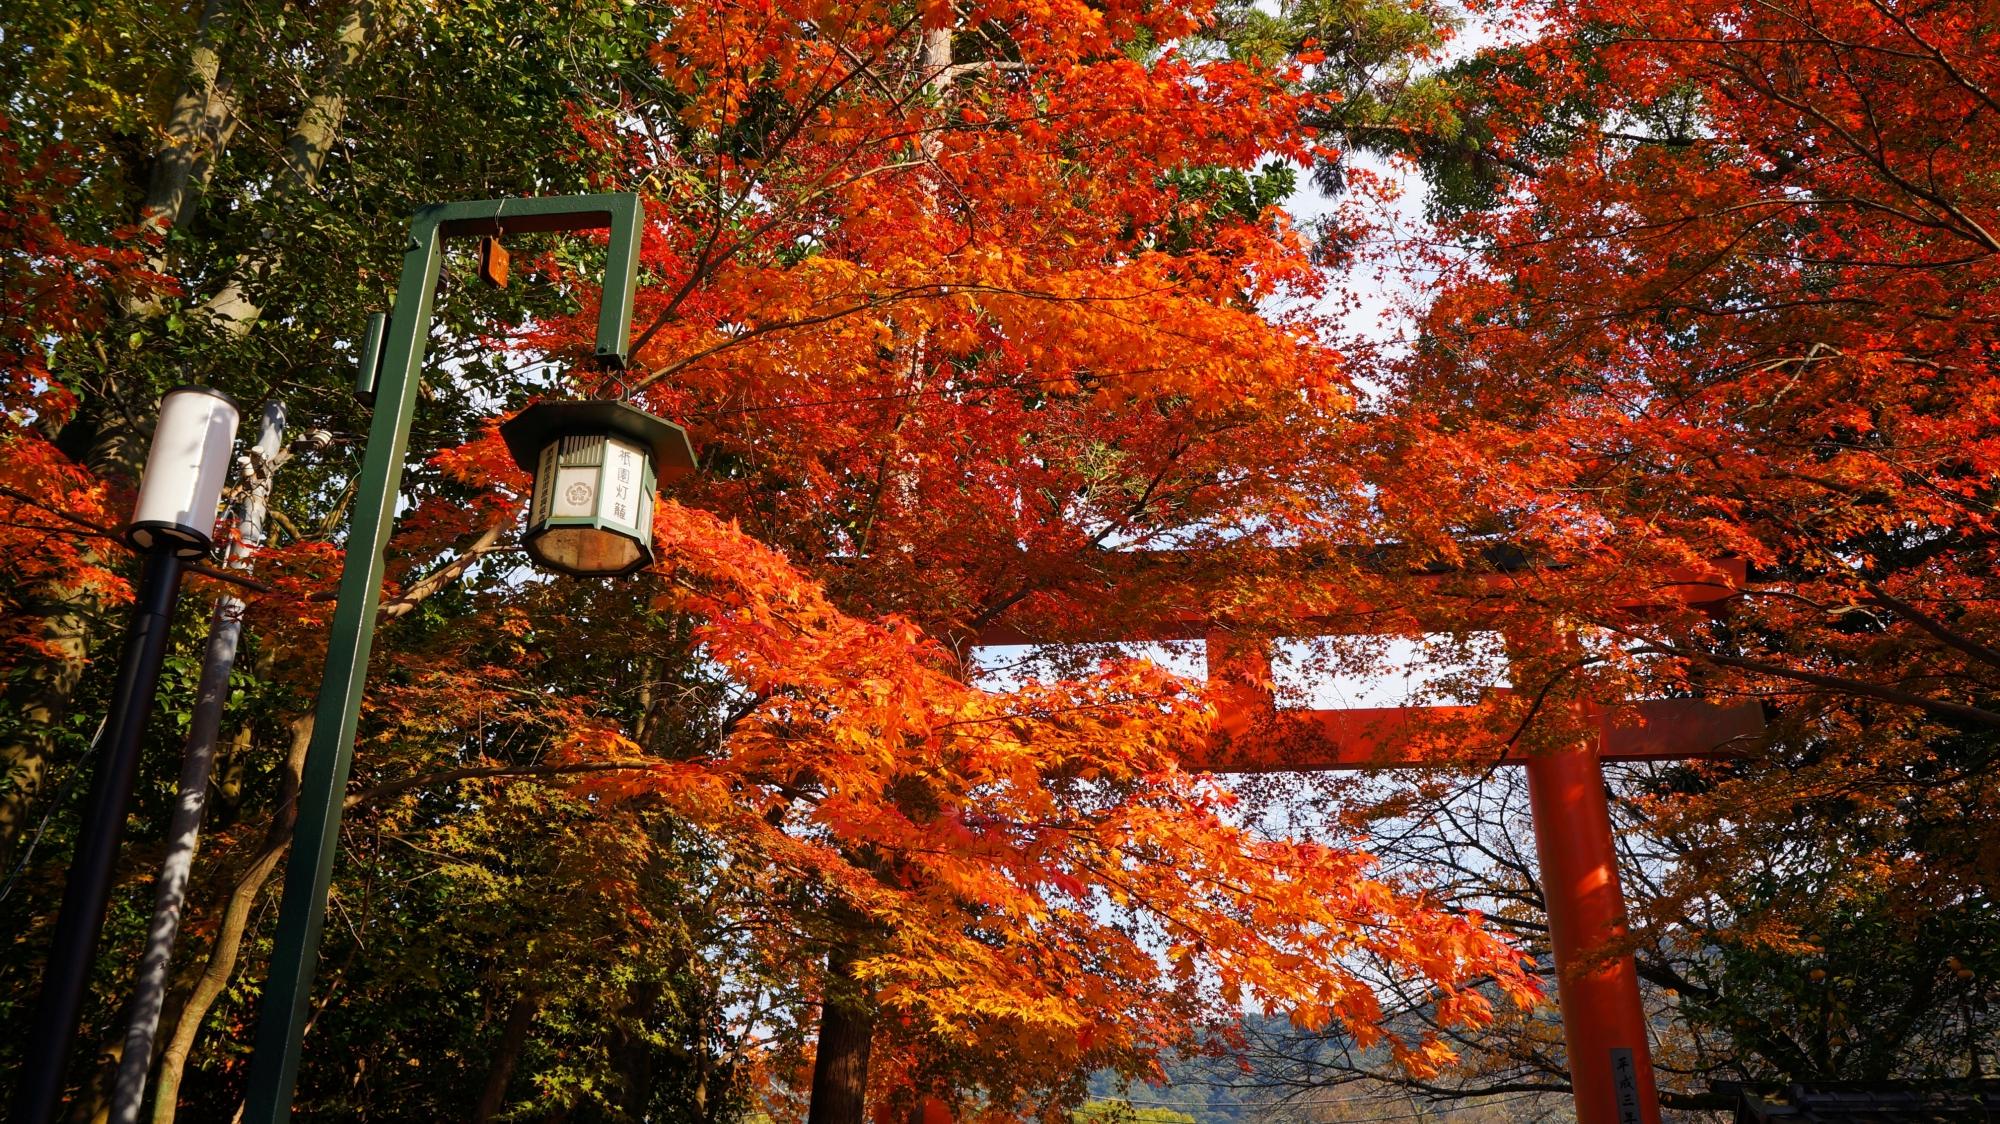 紅葉につつまれた八坂神社の東北門の赤い鳥居と街頭